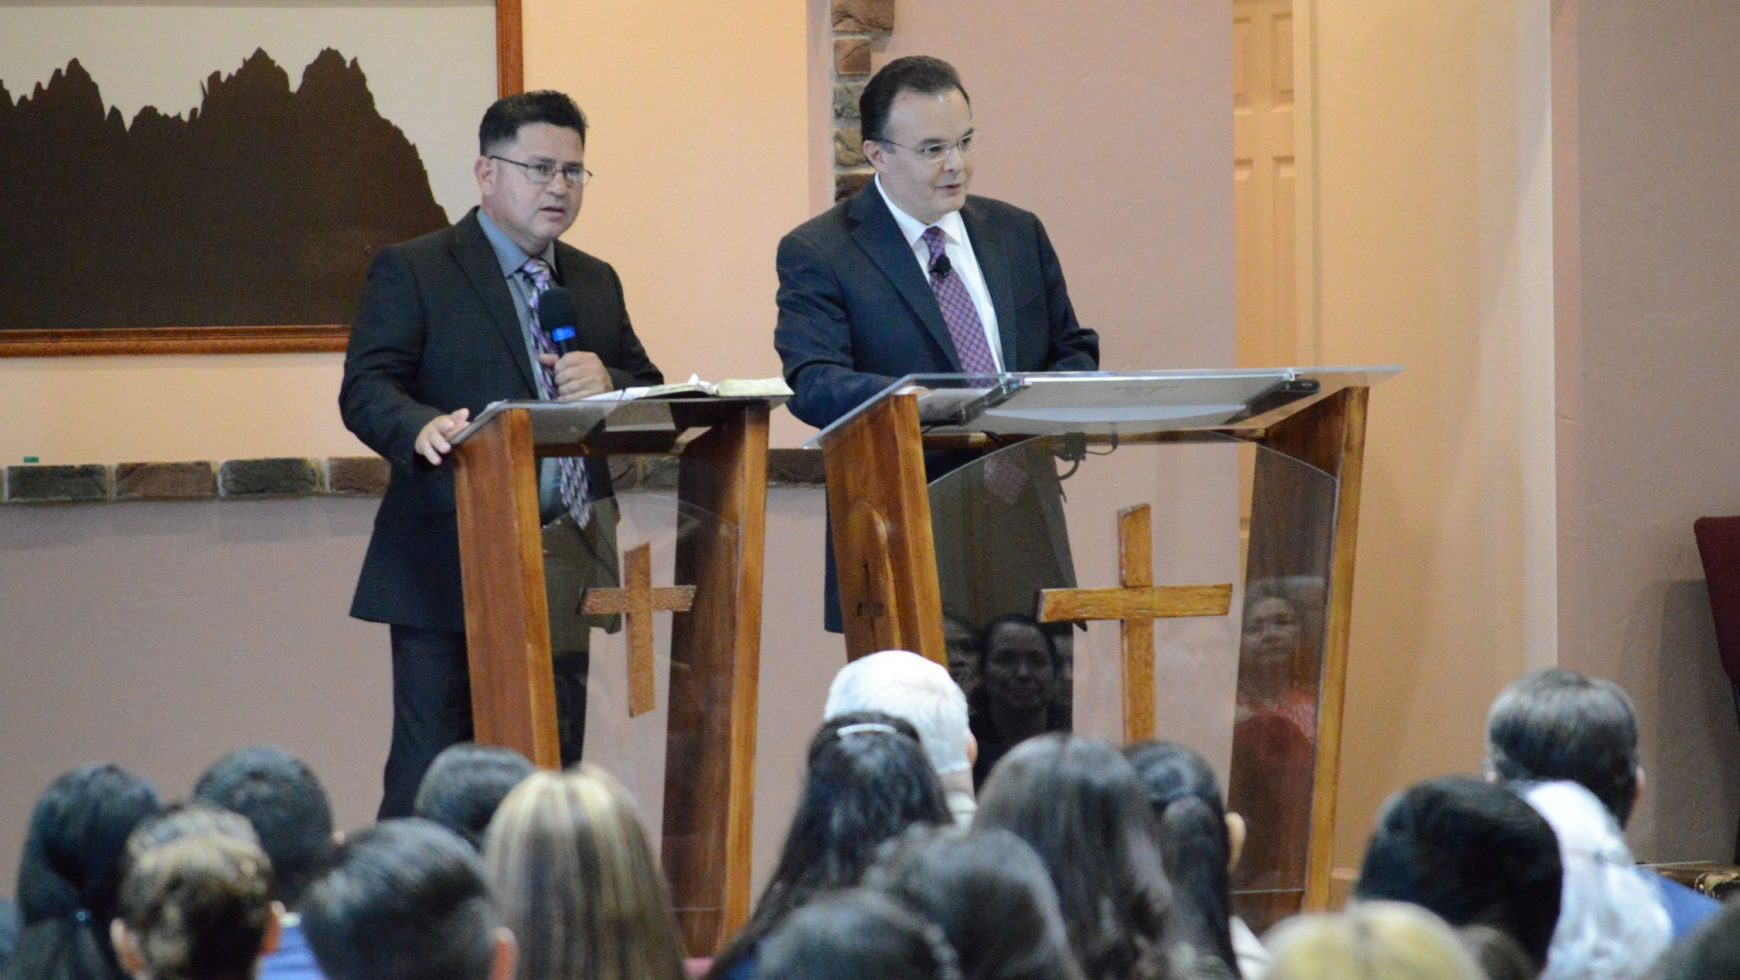 June 24, 2018 Pastor Caleb Perez